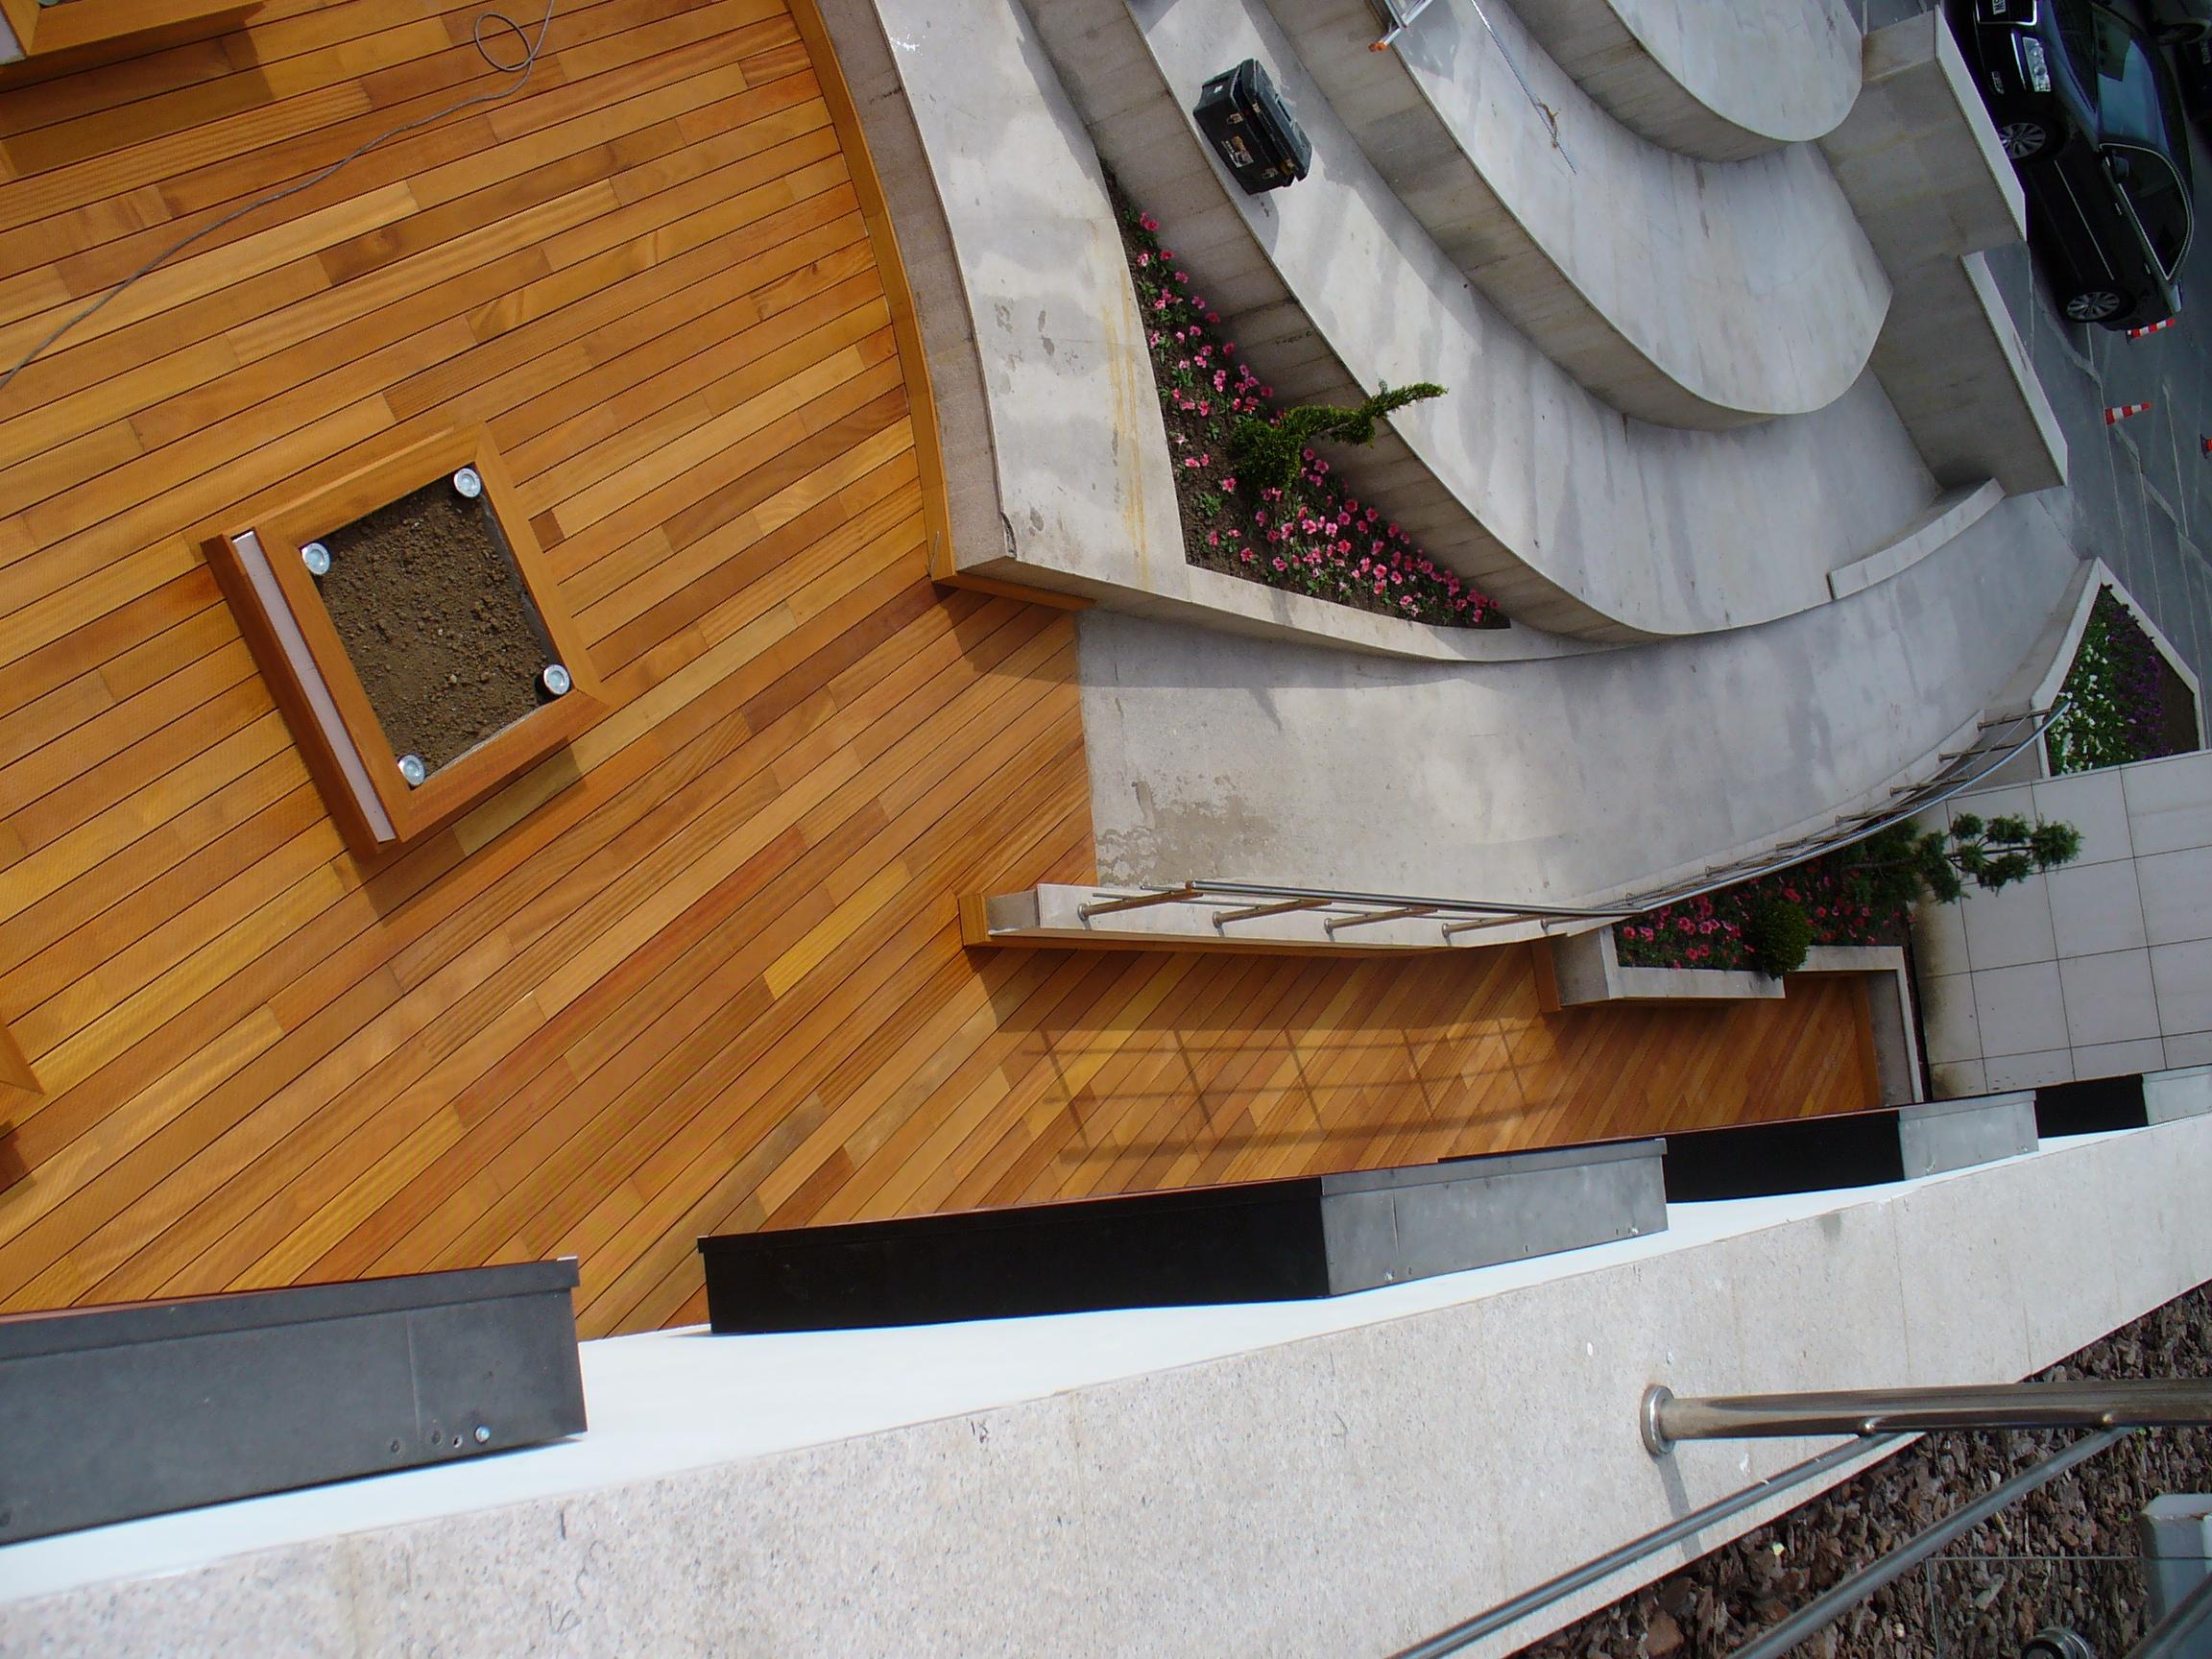 Deck-uri lemn - Guariuba SELVA FLOORS - Poza 2